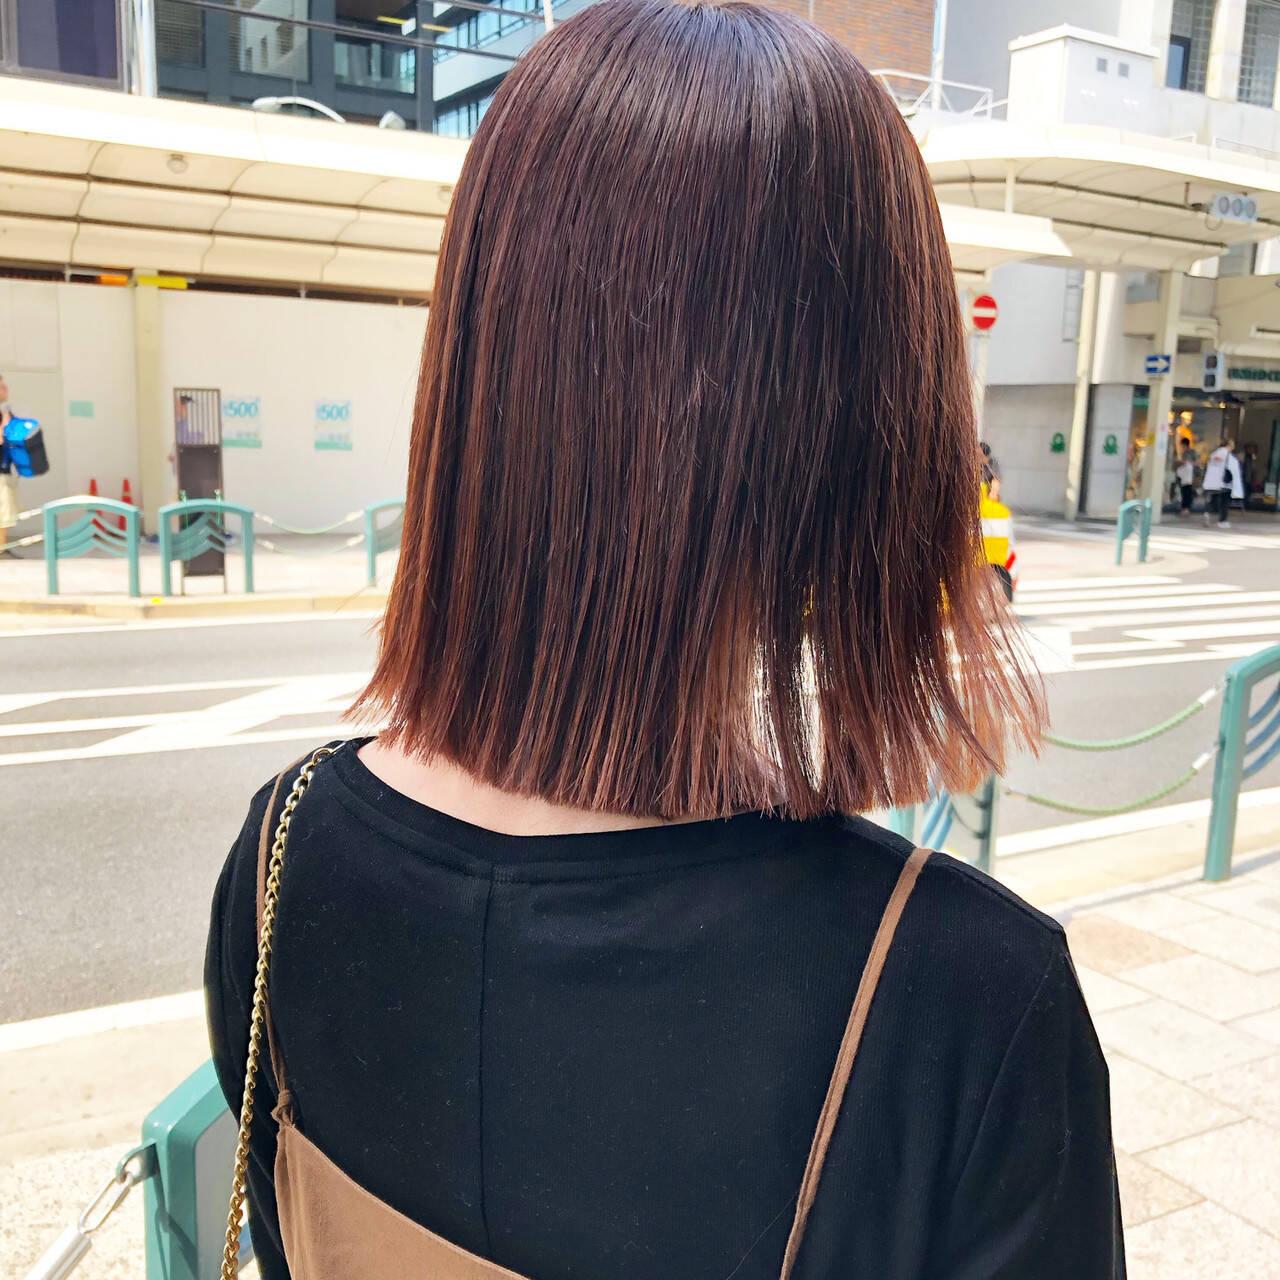 ピンク ミディアム ベリーピンク ピンクアッシュヘアスタイルや髪型の写真・画像